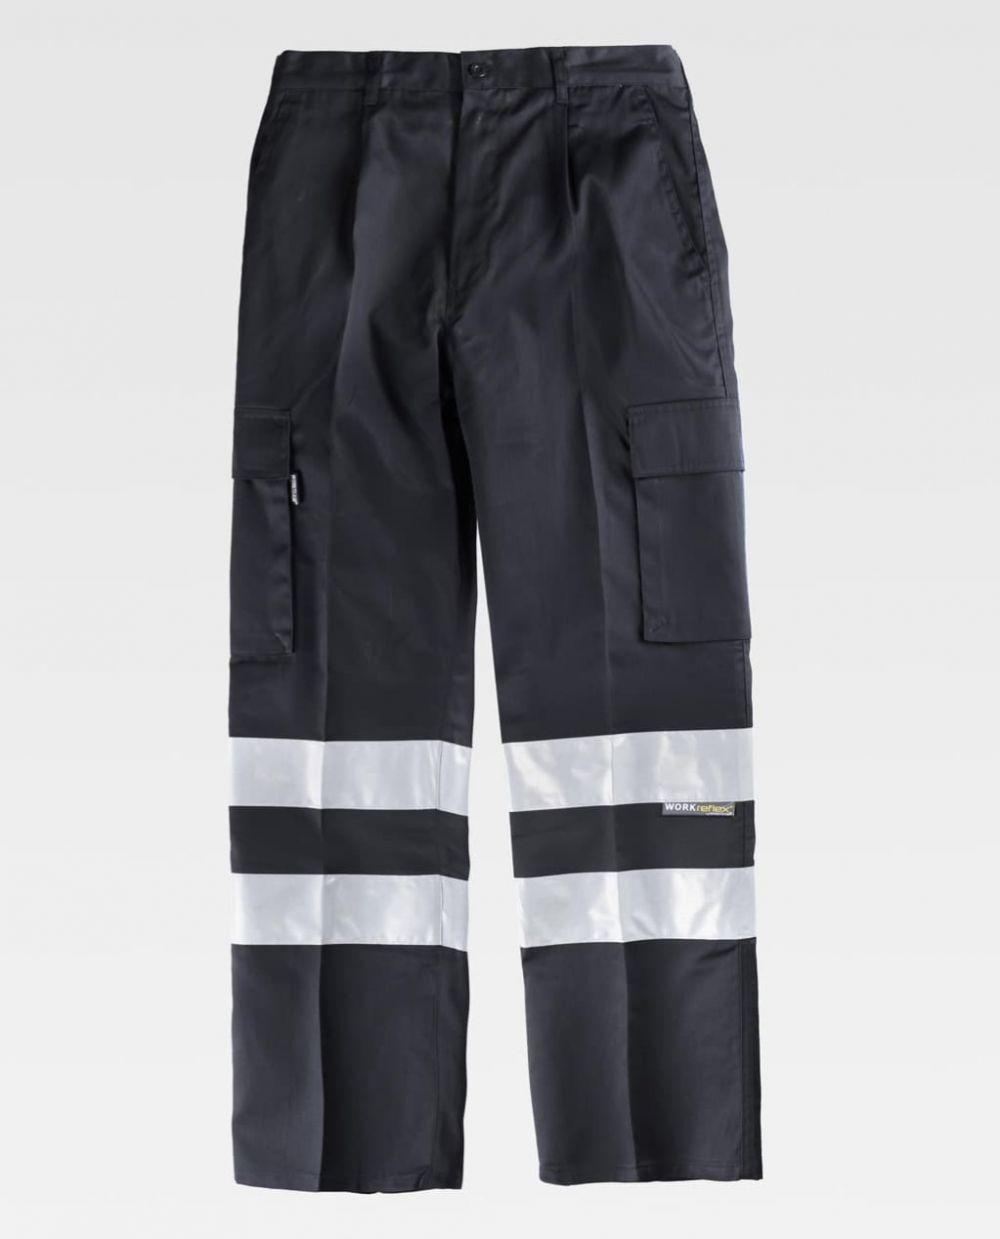 Pantalones reflectantes workteam recto con cintas reflectantes de poliéster vista 1